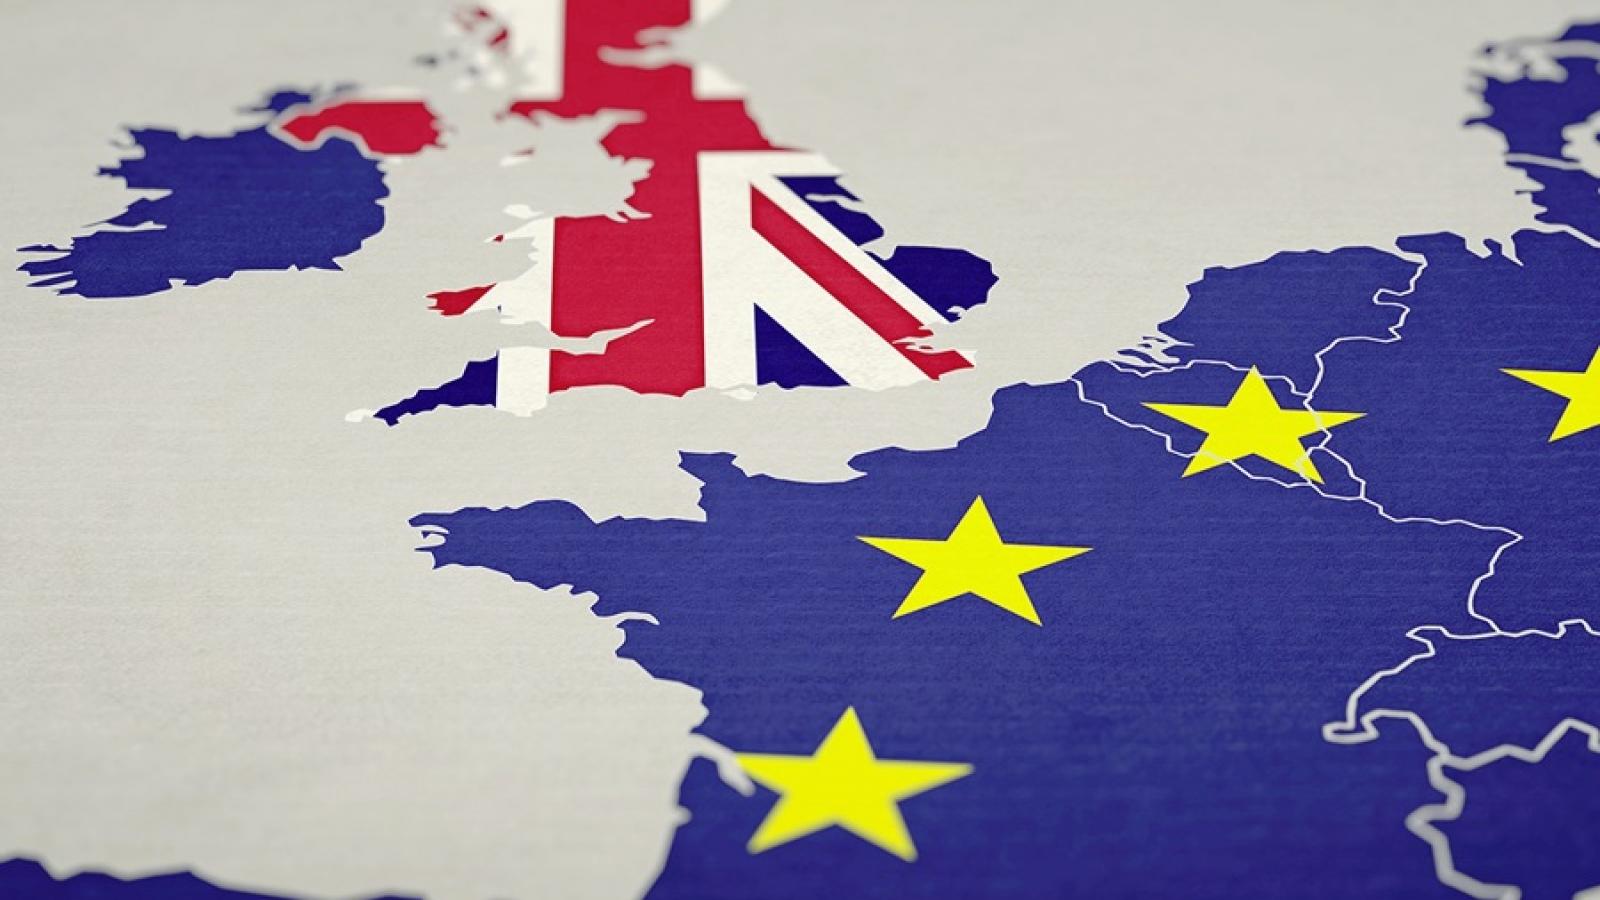 Hội nghị thượng đỉnh EU quyết định tương lai quan hệ Anh -EU